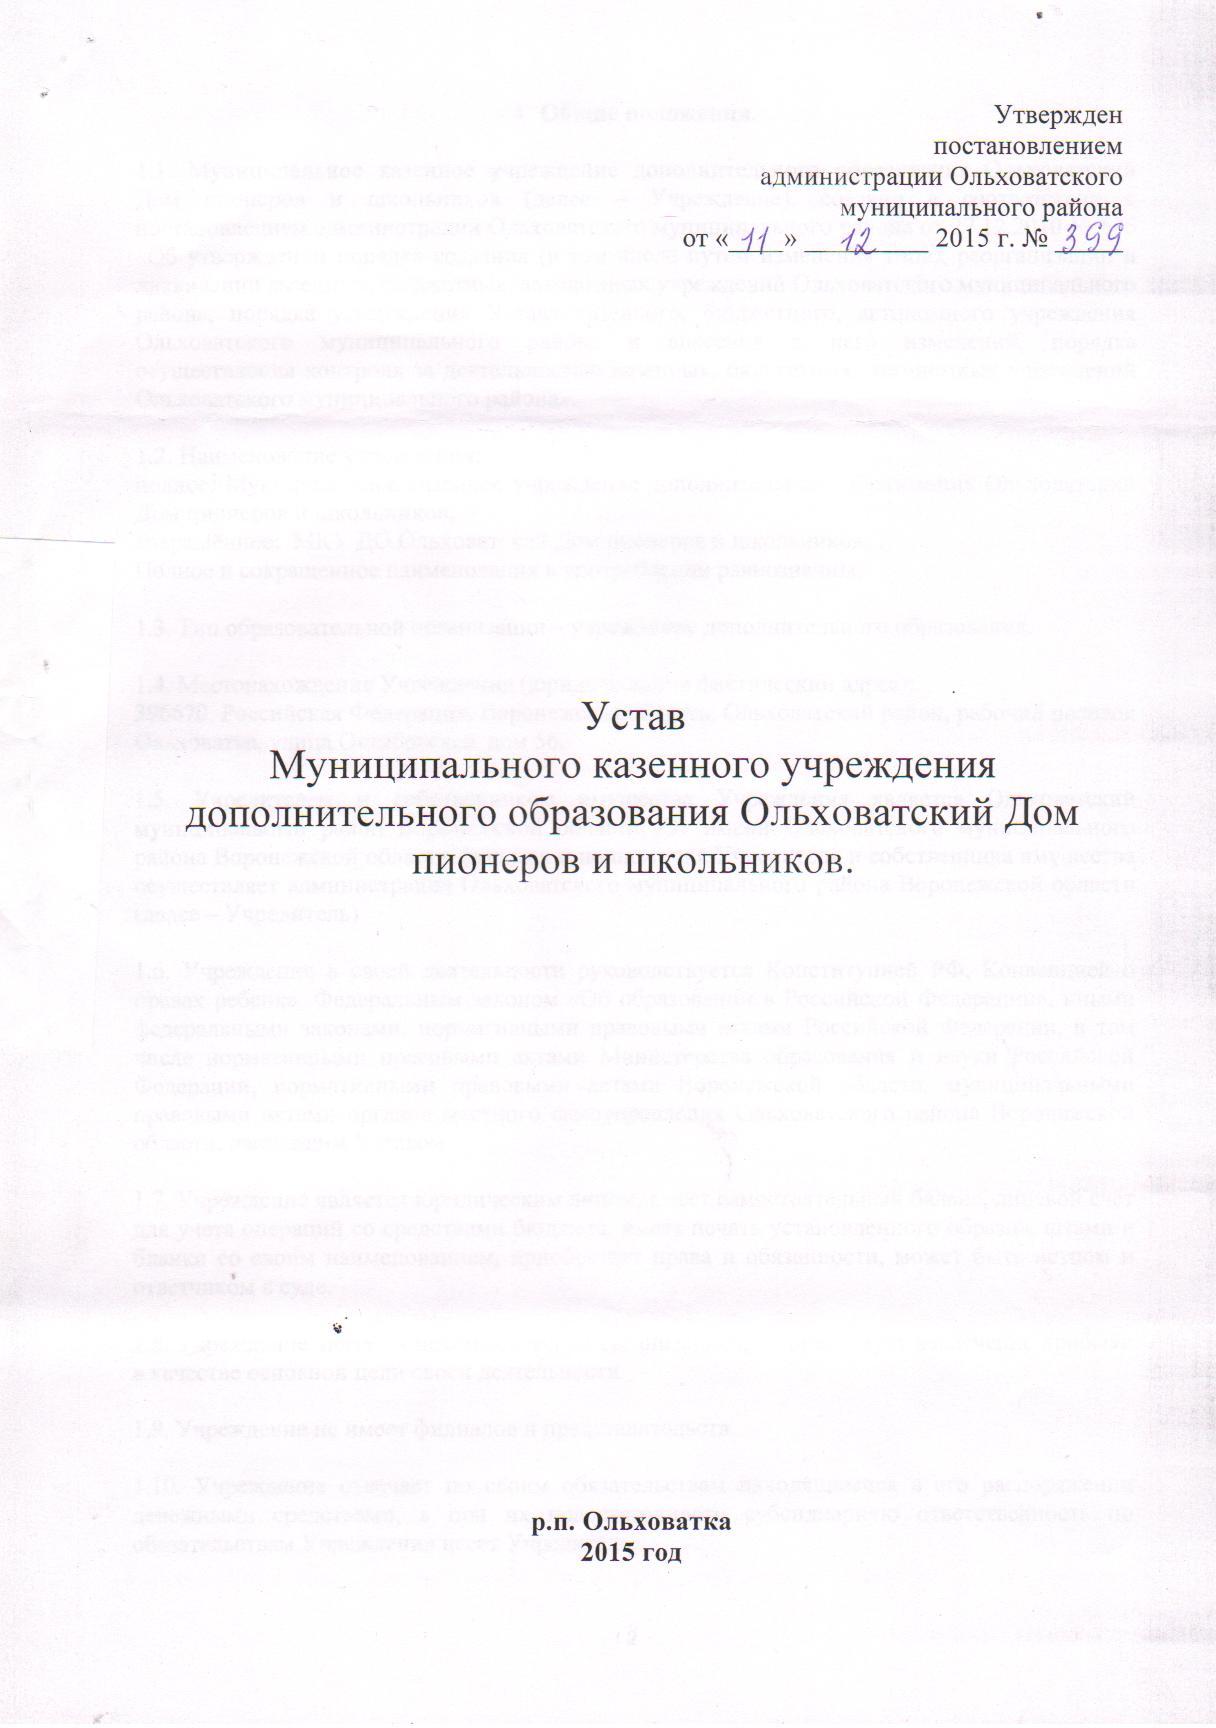 титульный лист устава в новой редакции бланк